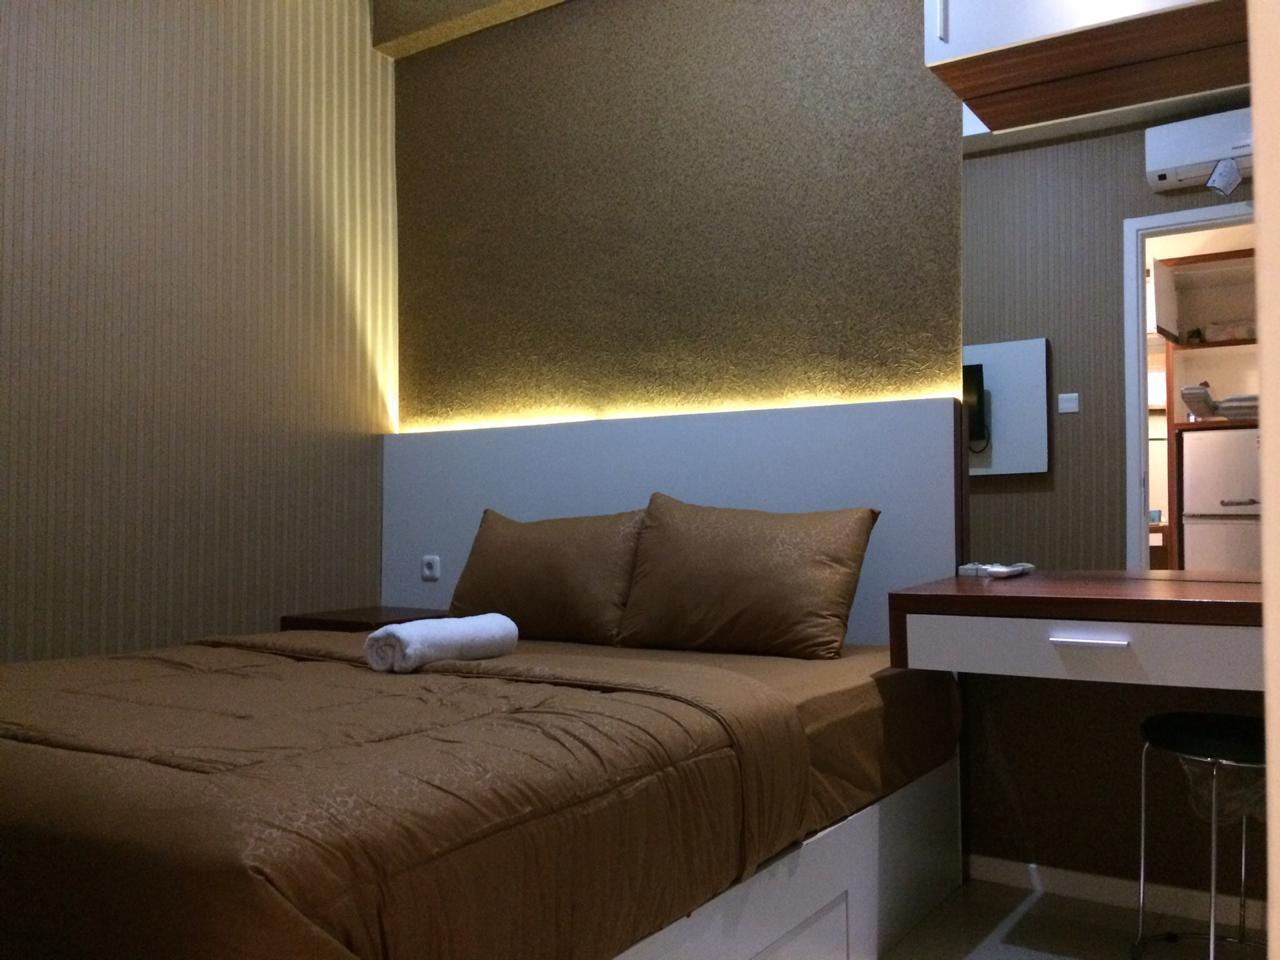 Apartemen Homey Mewah Murah Di Pusat Kota Bandung